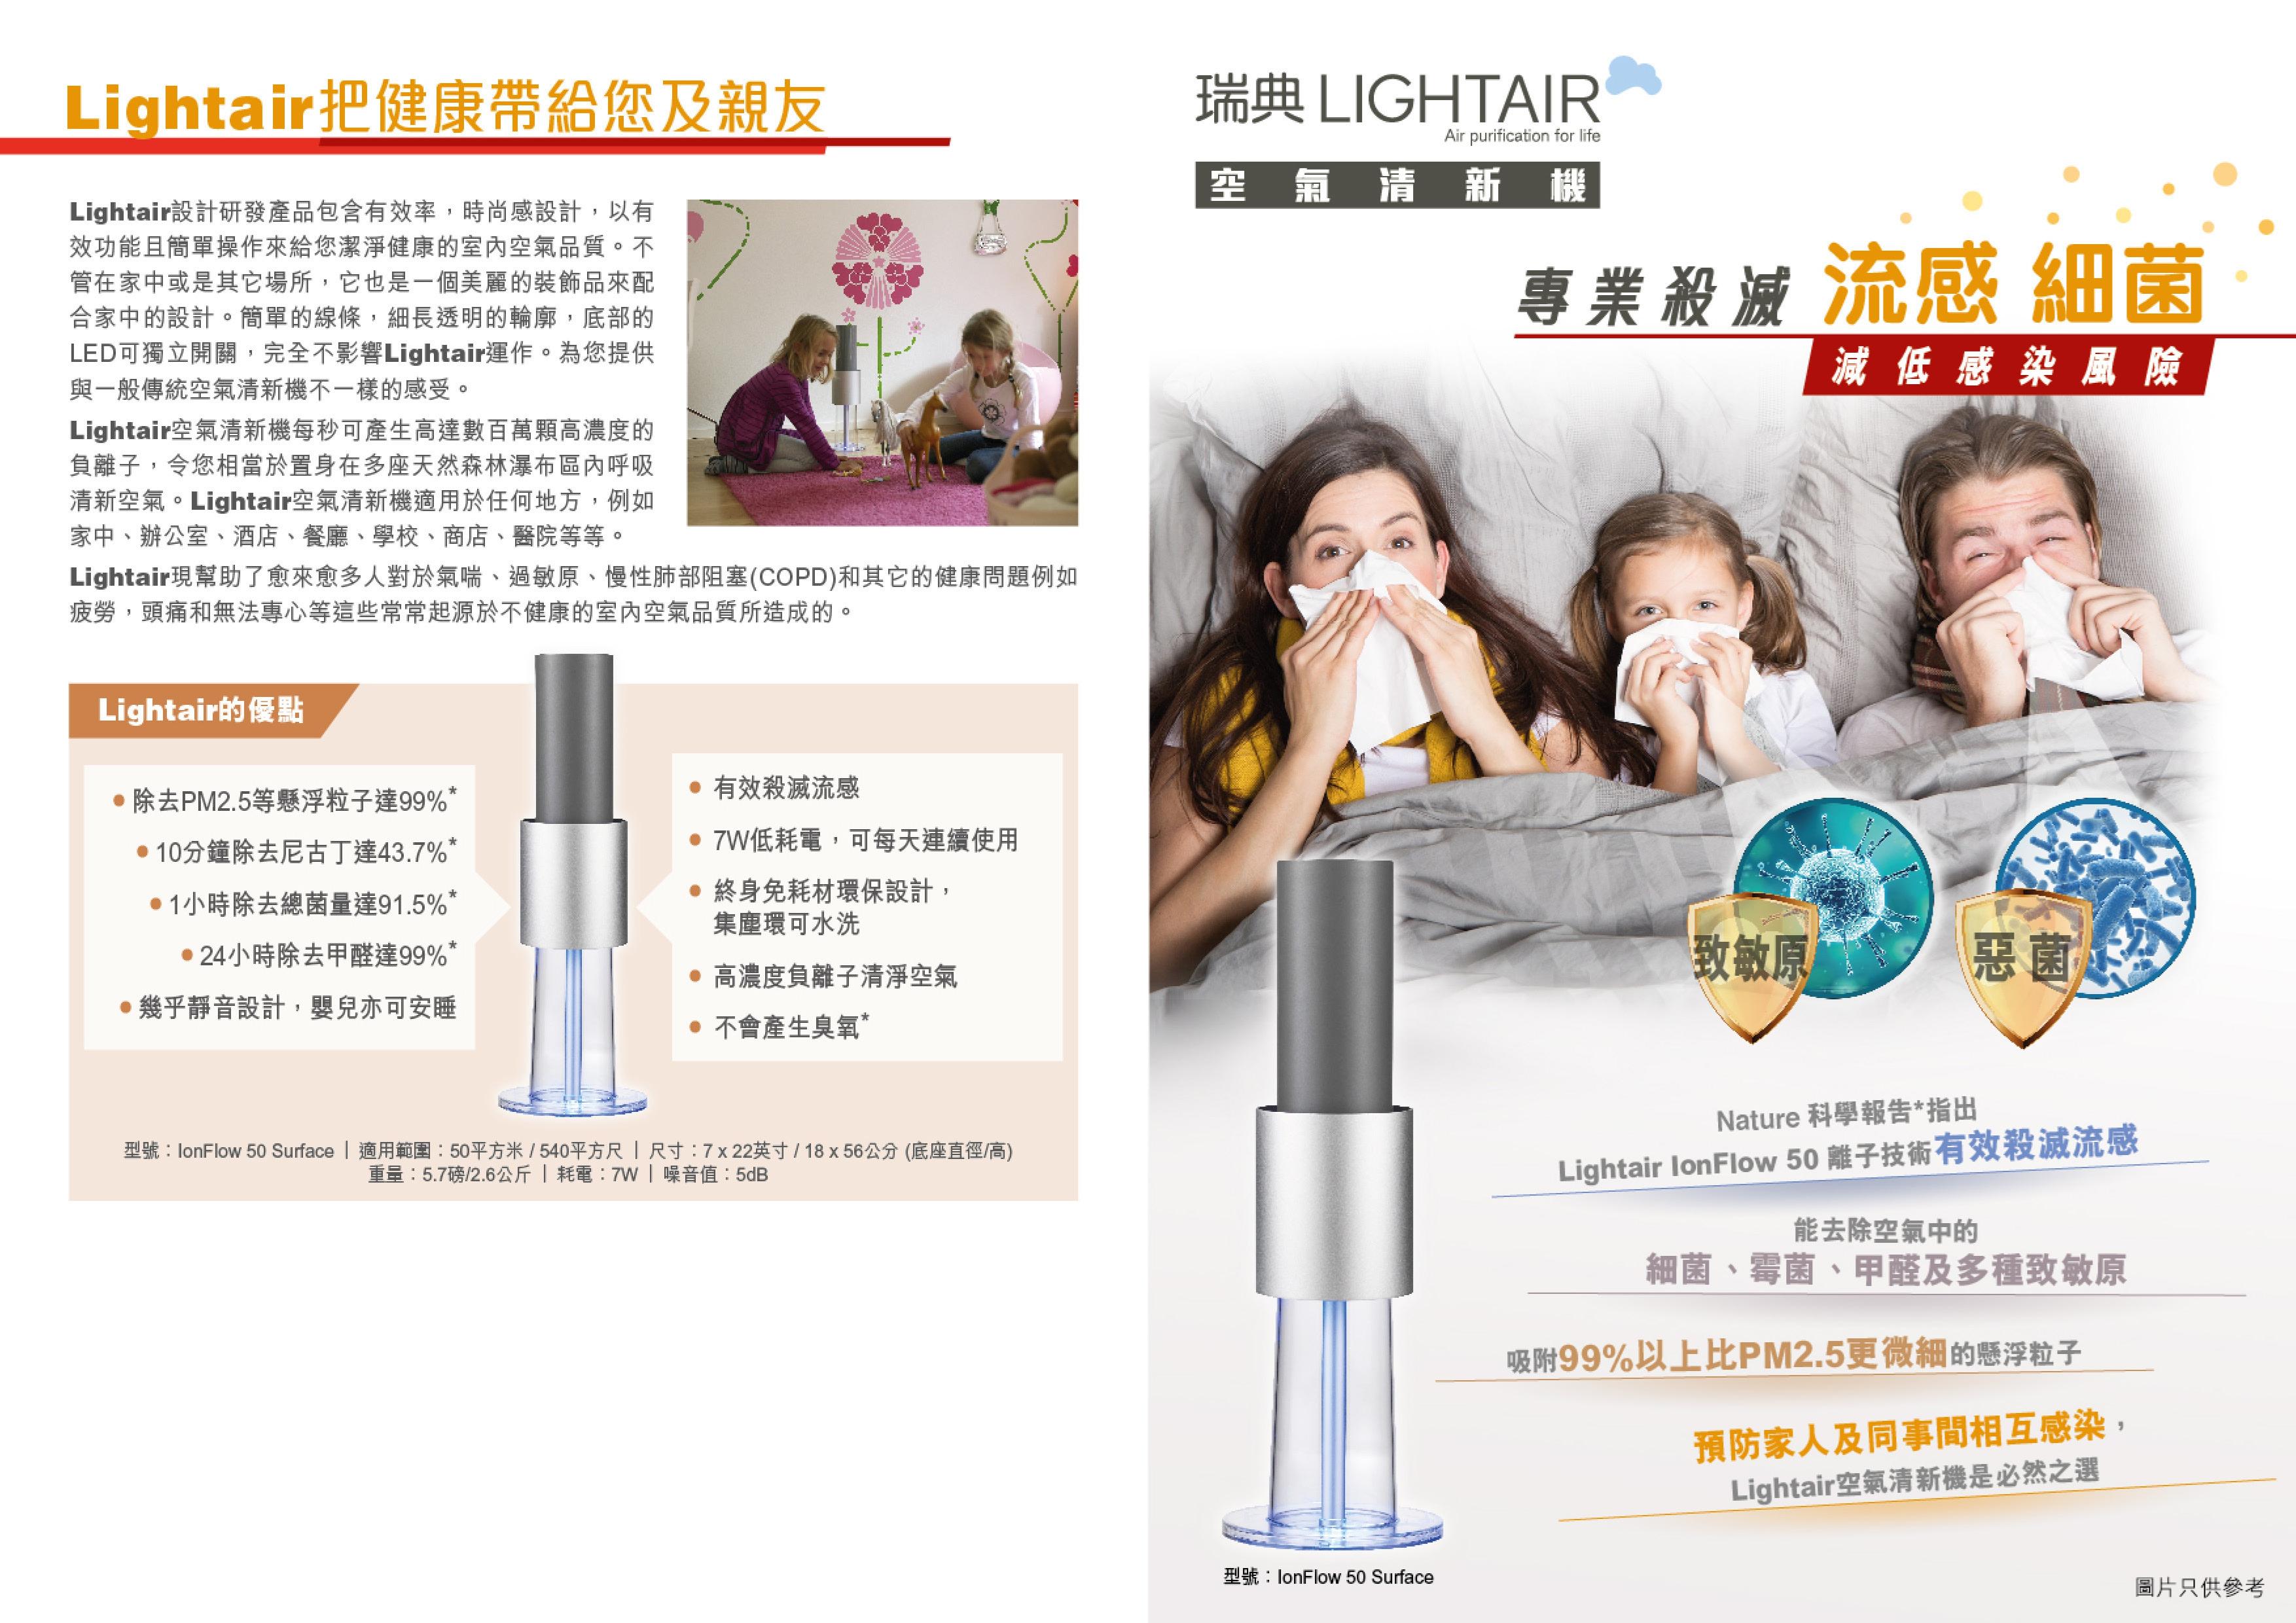 Lightair Leaflet